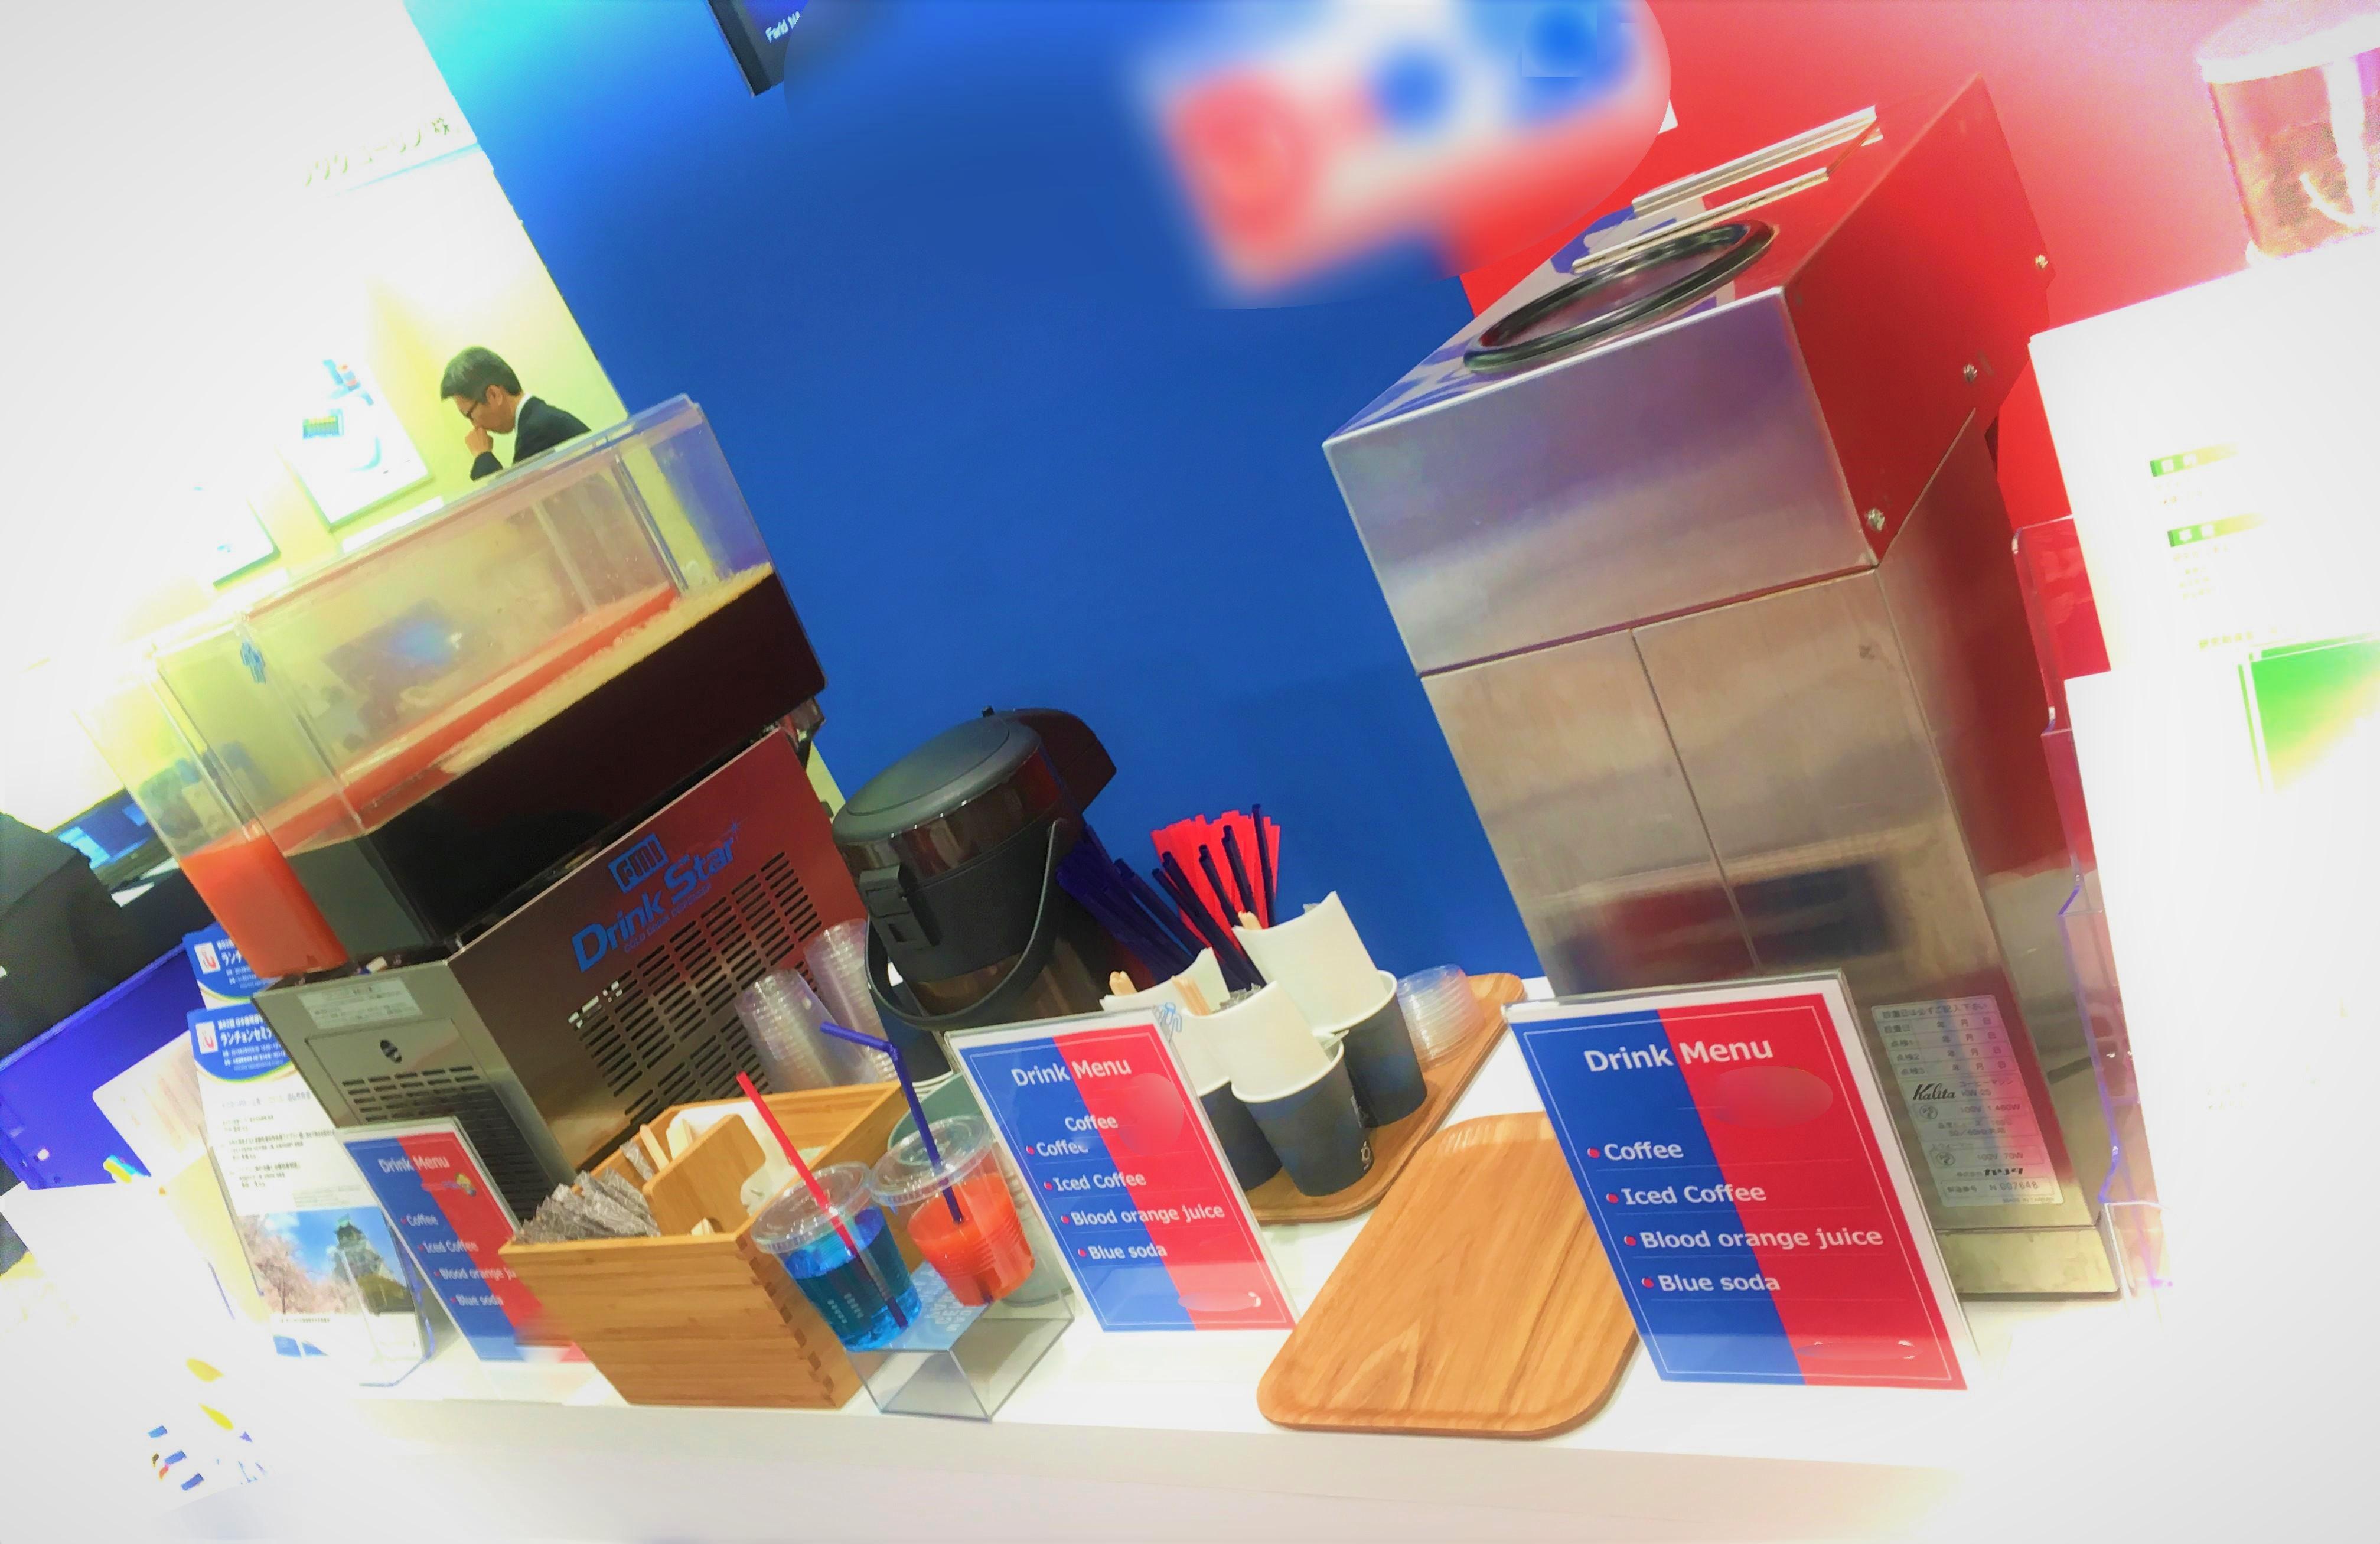 大阪国際会議場 展示会 学会 ドリンクケータリング 展示ブース内カフェ